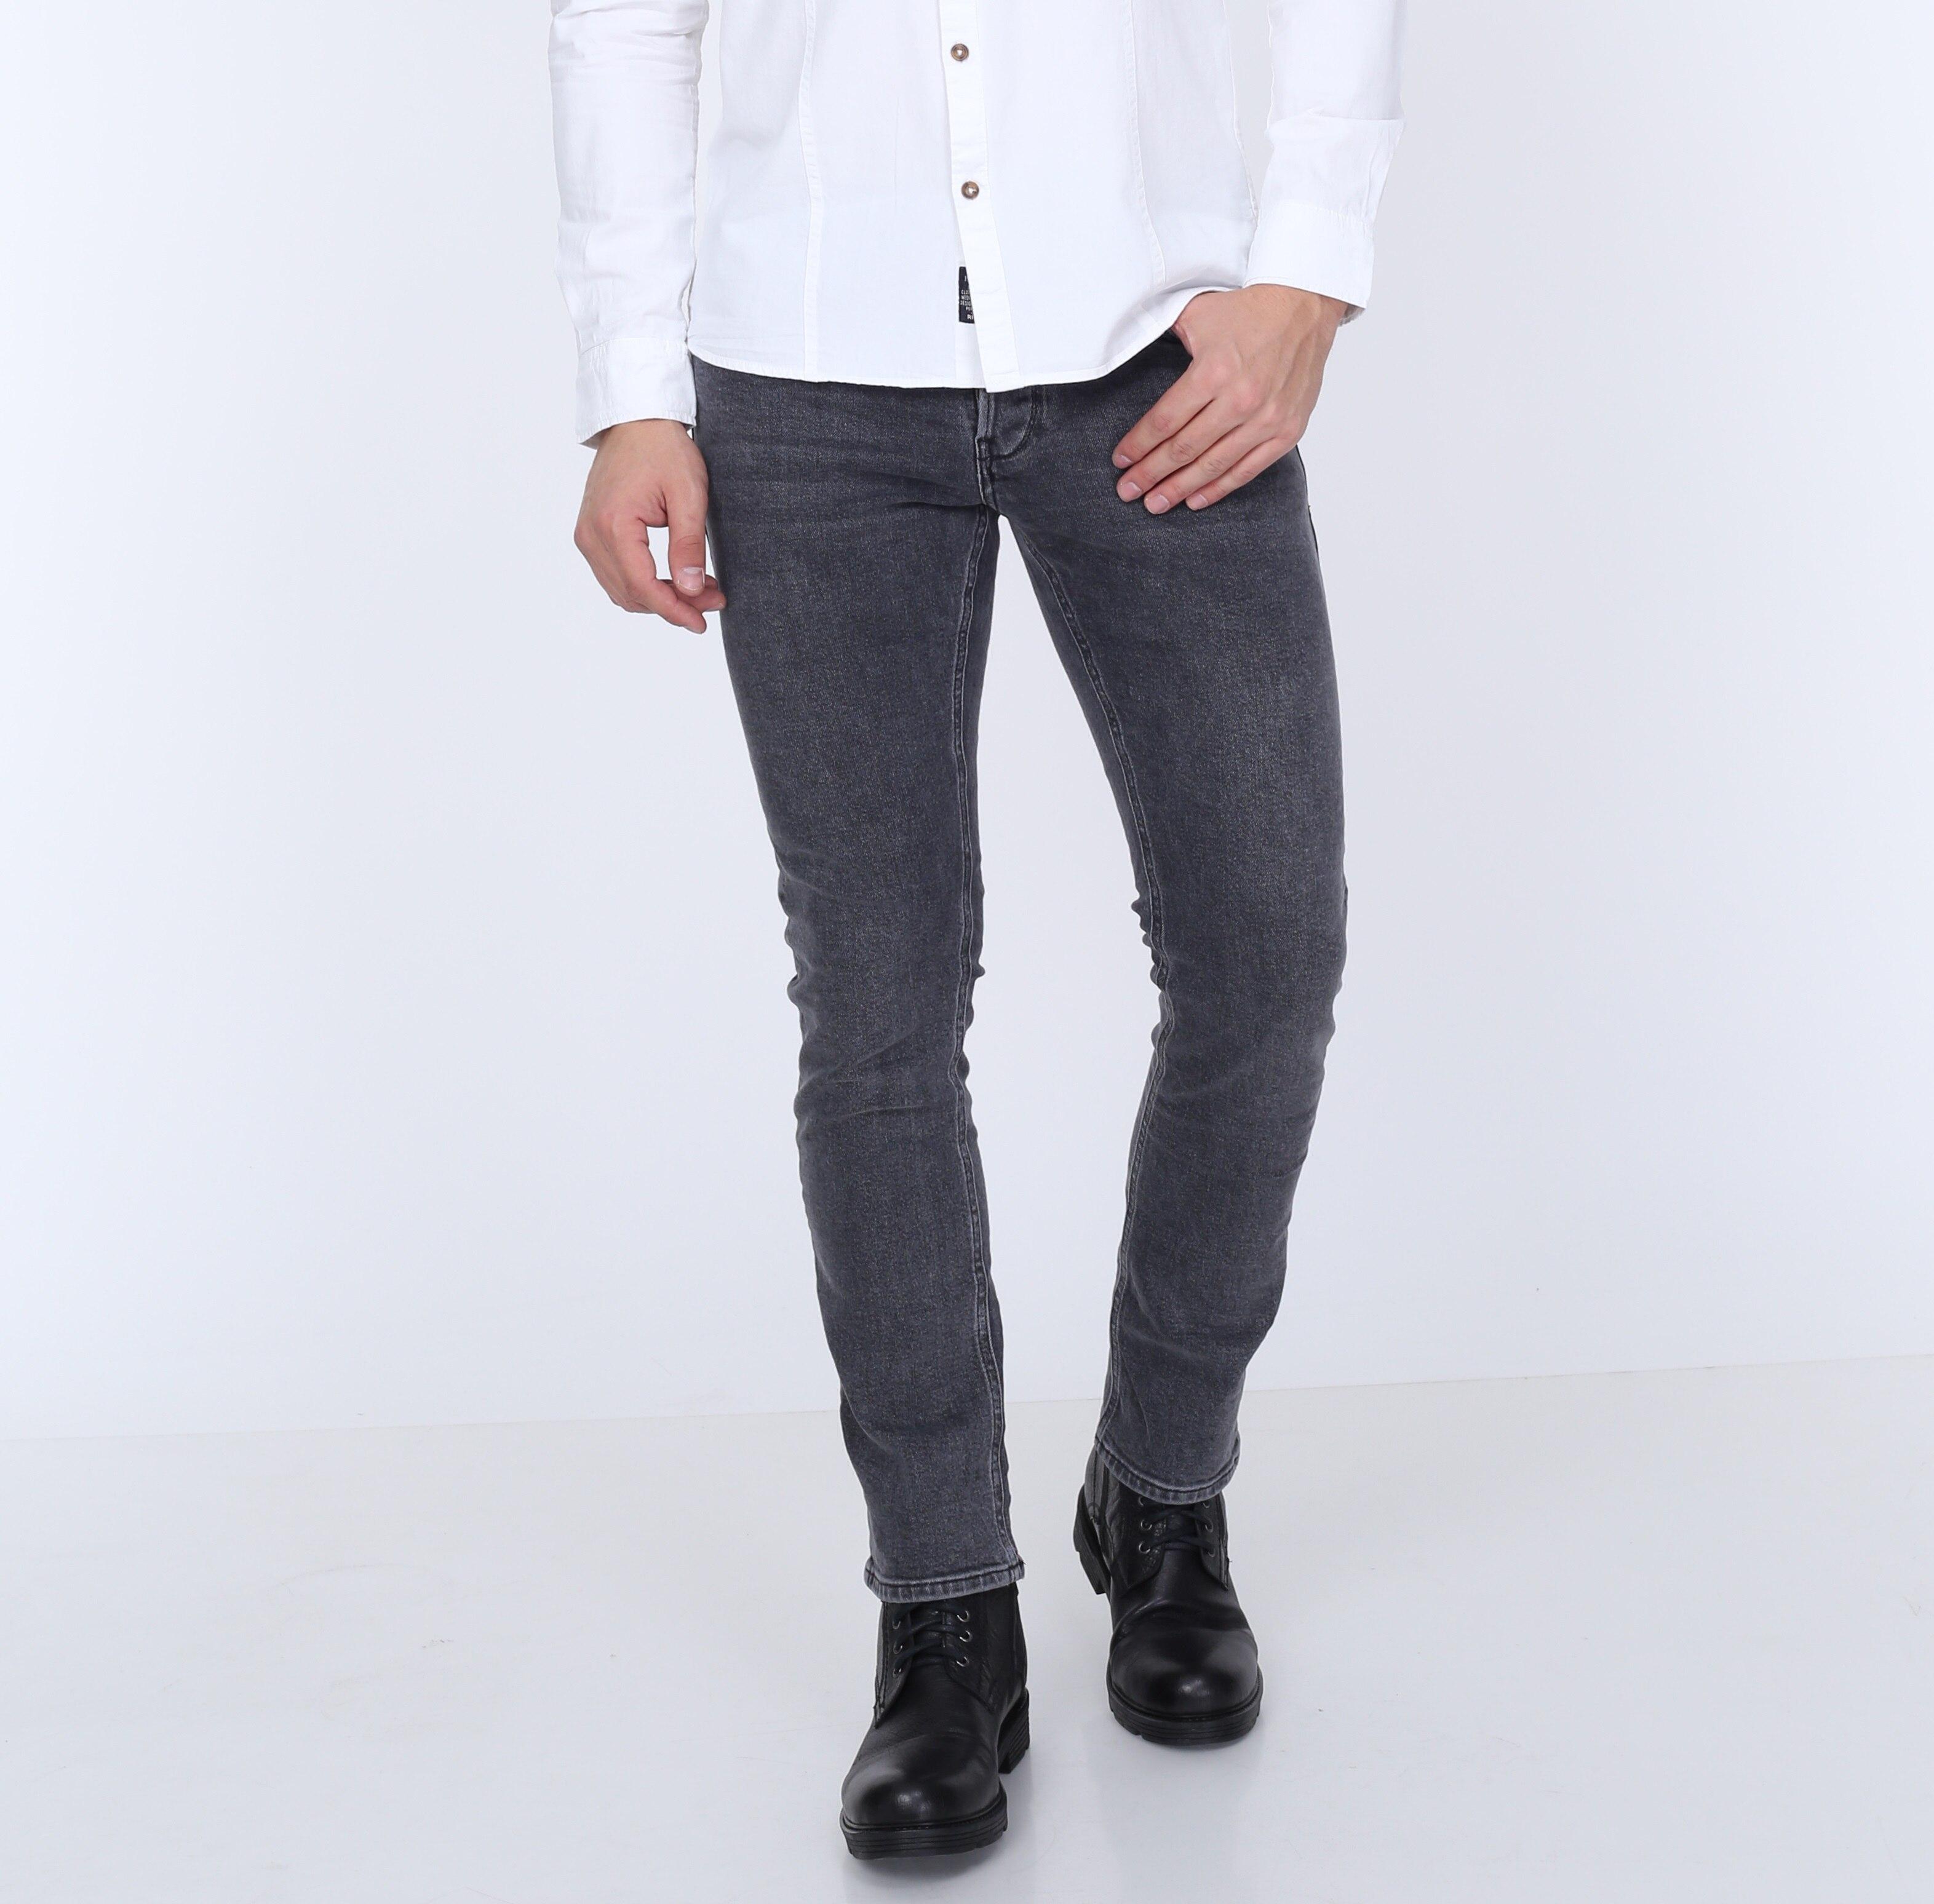 HW 16134-1 Mens Jeans Slim Fit, Stretch, Gift For Men, Real European Size, Comfort, Turkish, Стильный дизайн,Homme Denim Style